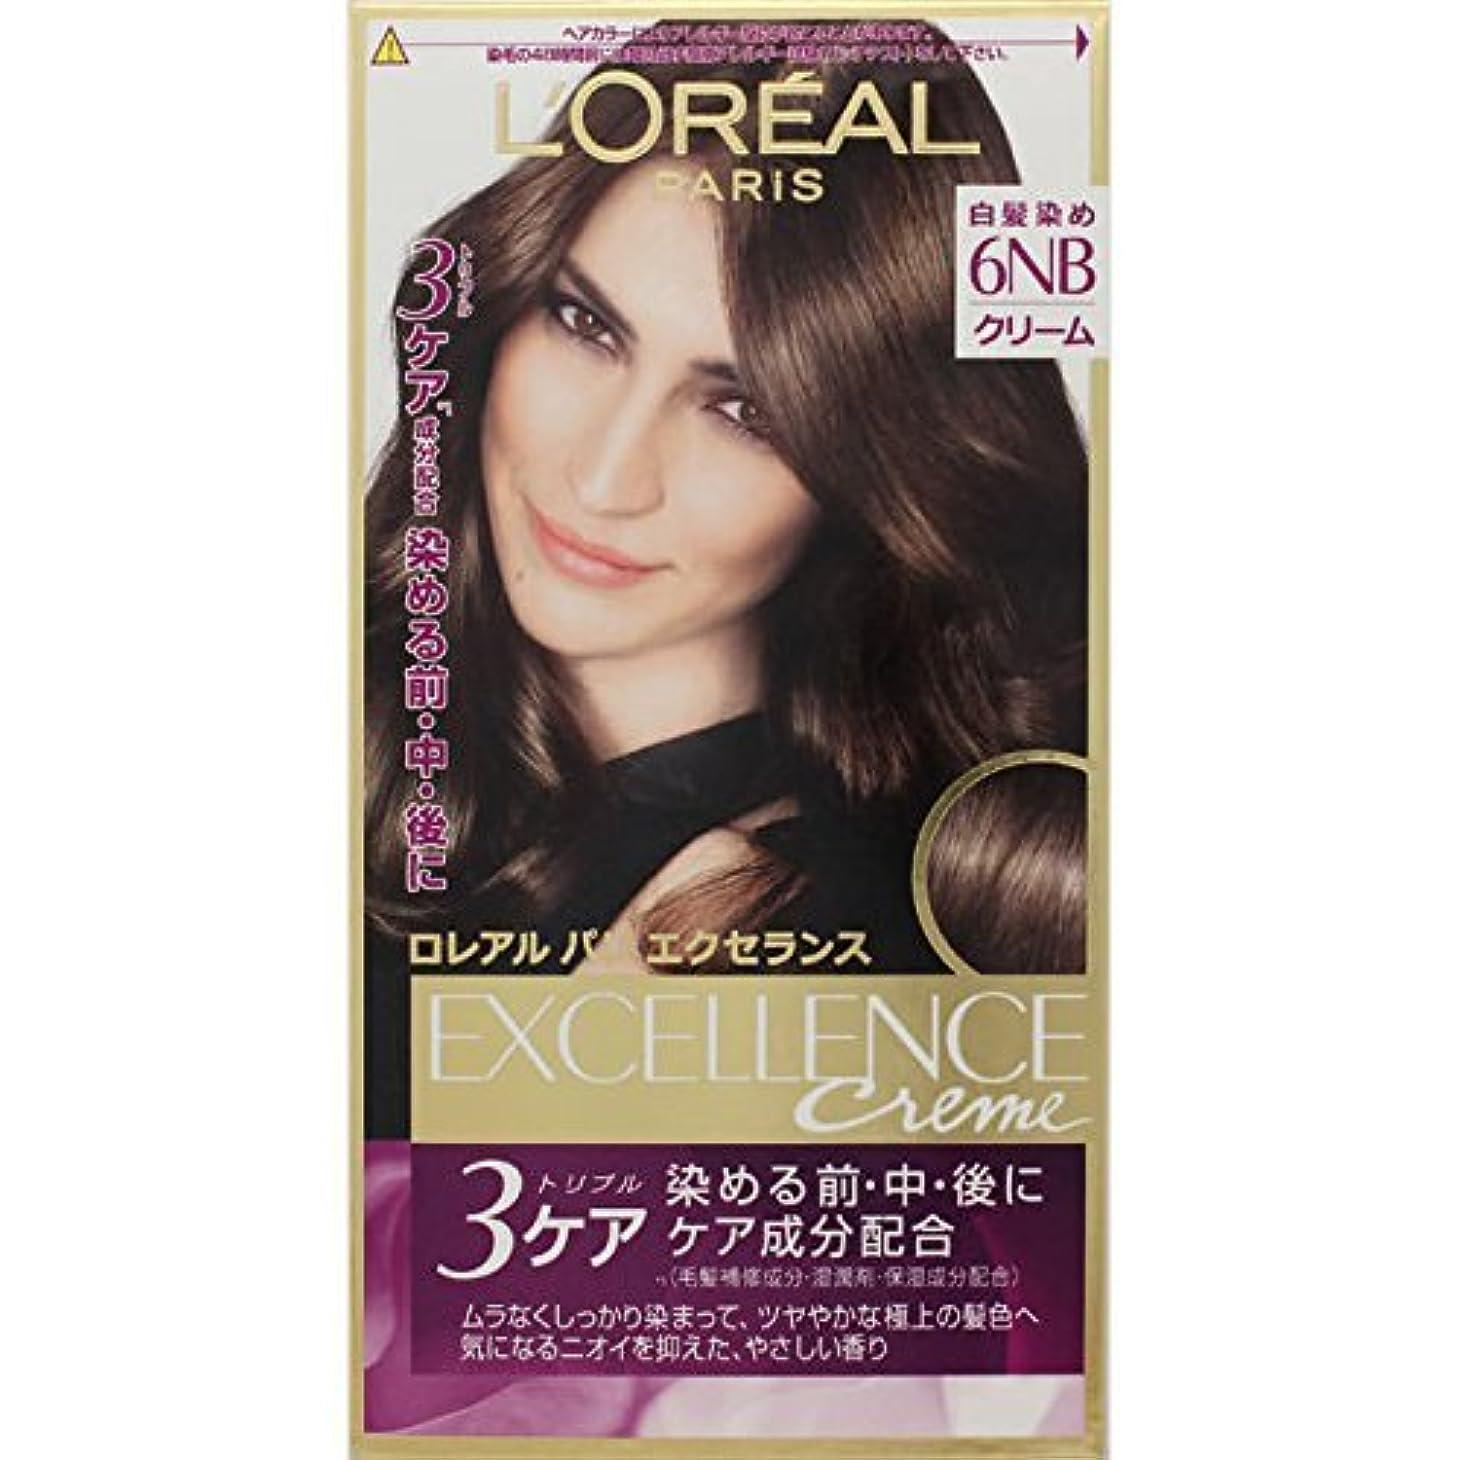 加入謙虚毎回ロレアル パリ ヘアカラー 白髪染め エクセランス N クリームタイプ 6NB やや明るい自然な栗色